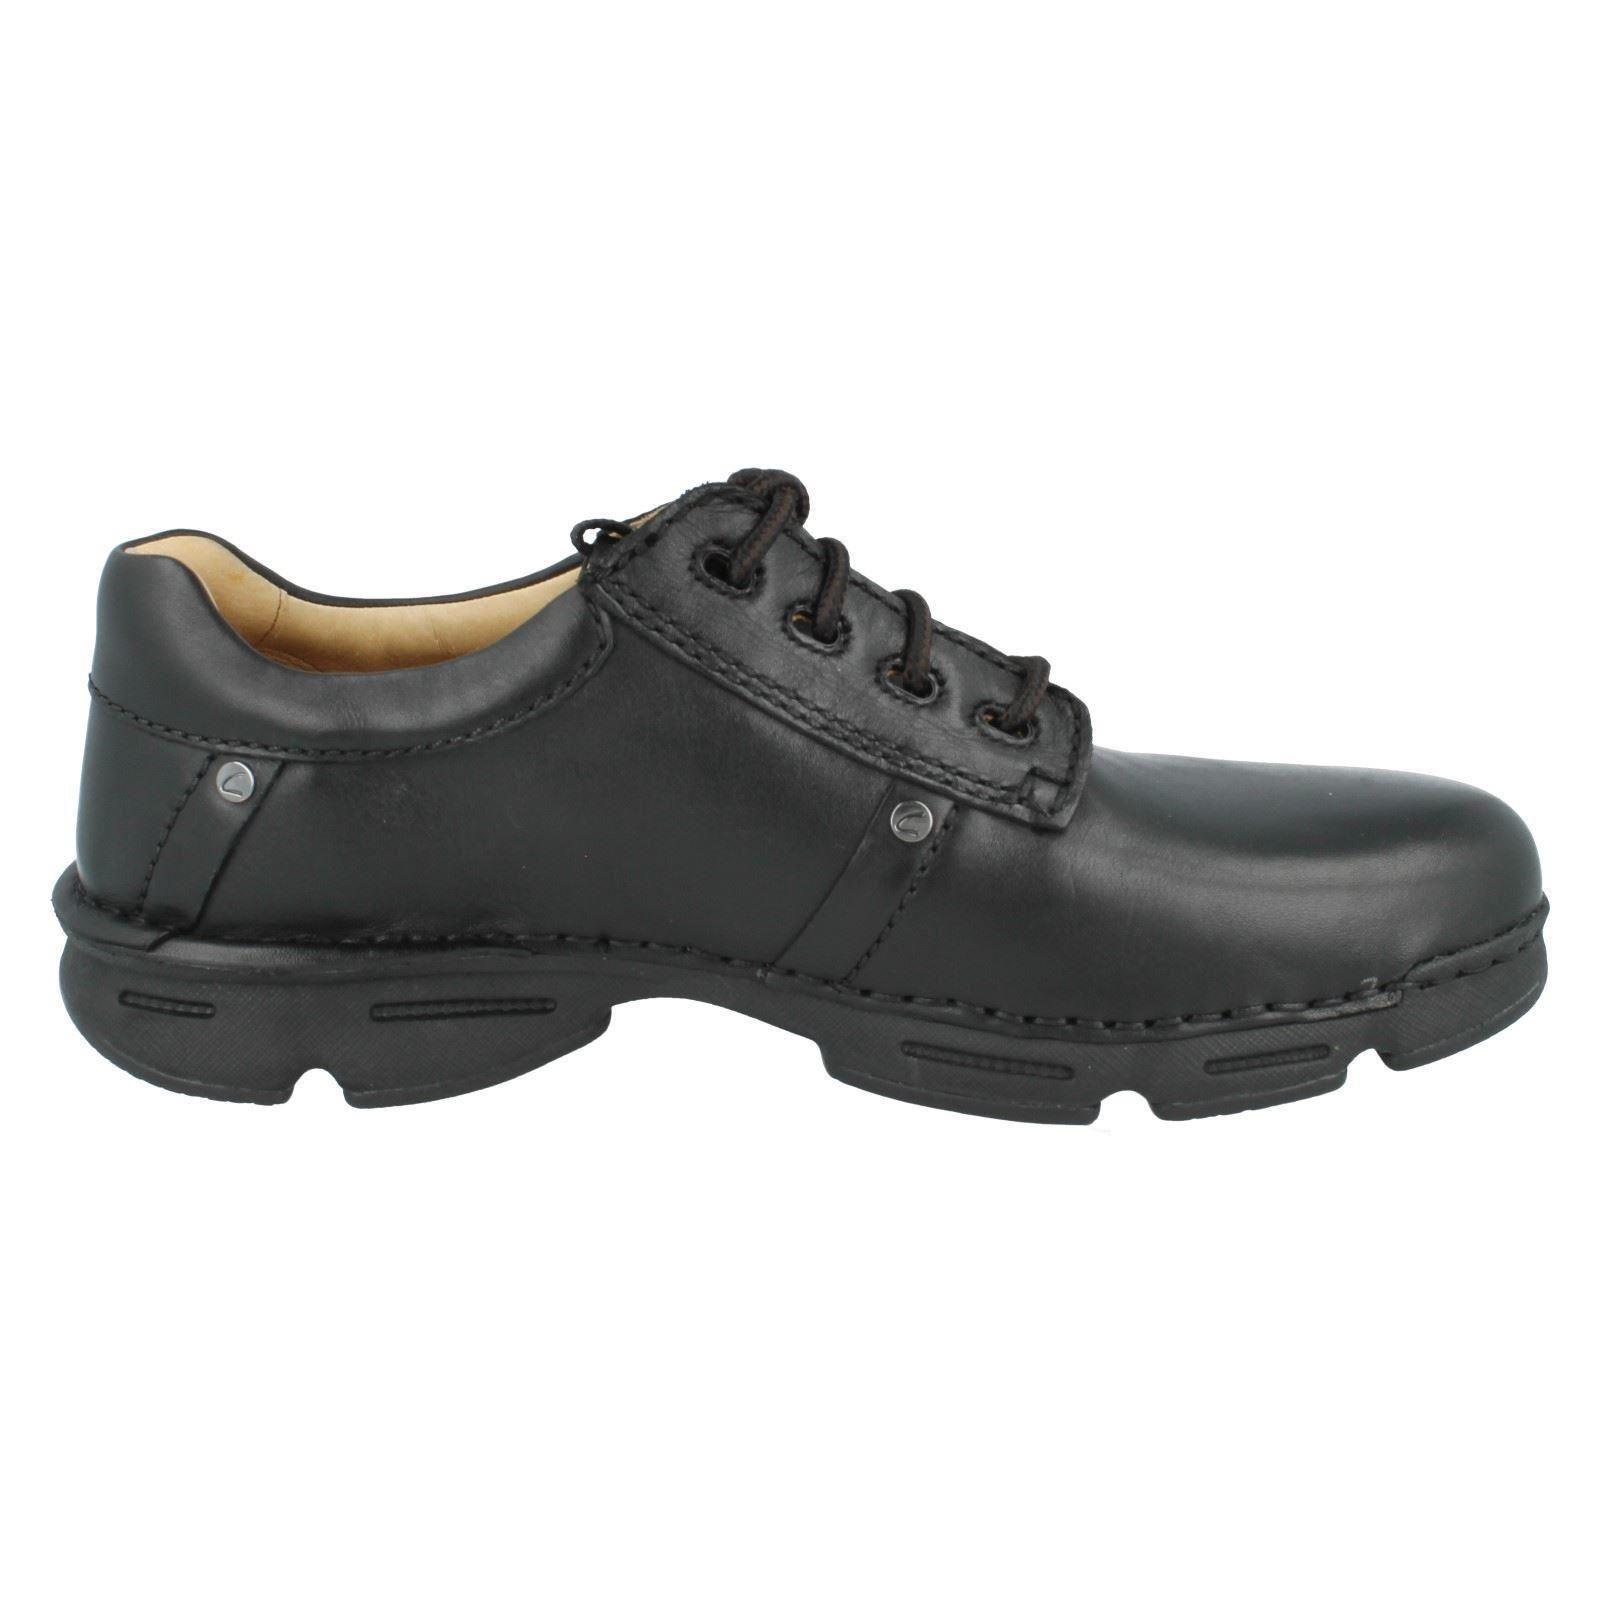 Men's Clarks Casual Shoes Rico Park